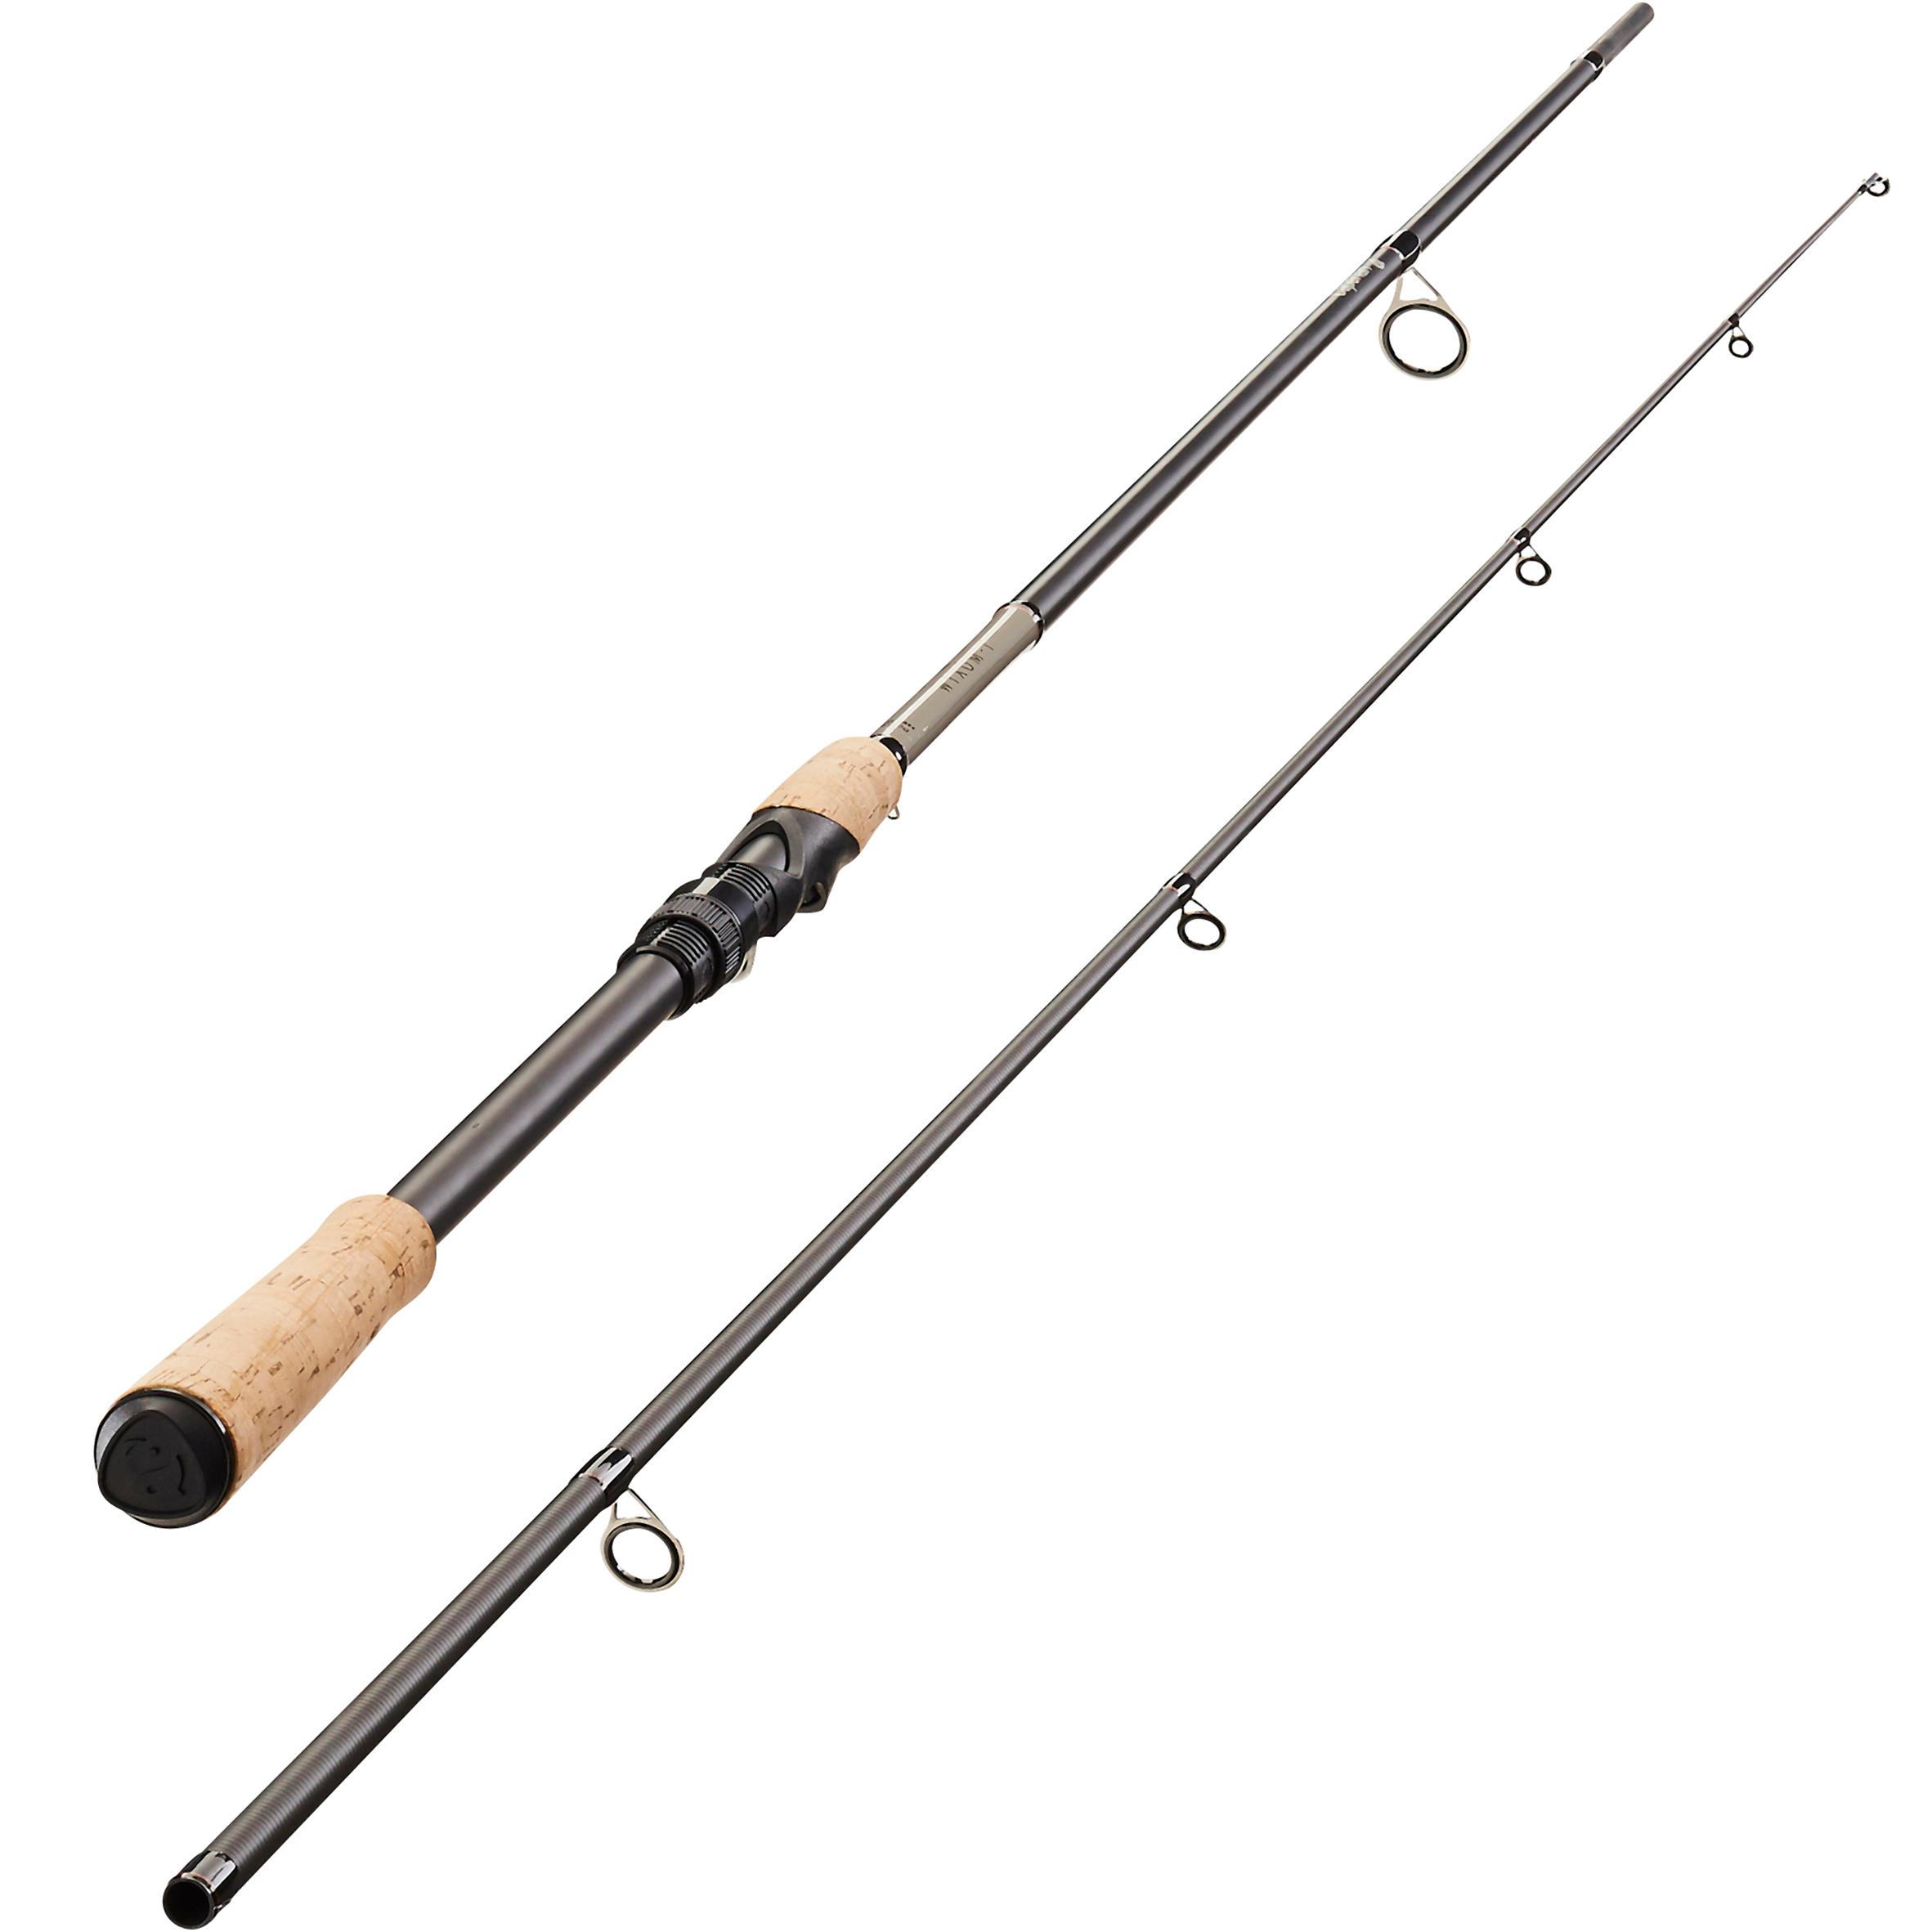 WIXOM-1 270 H (10/30G) REGULAR PREDATOR LURE FISHING ROD